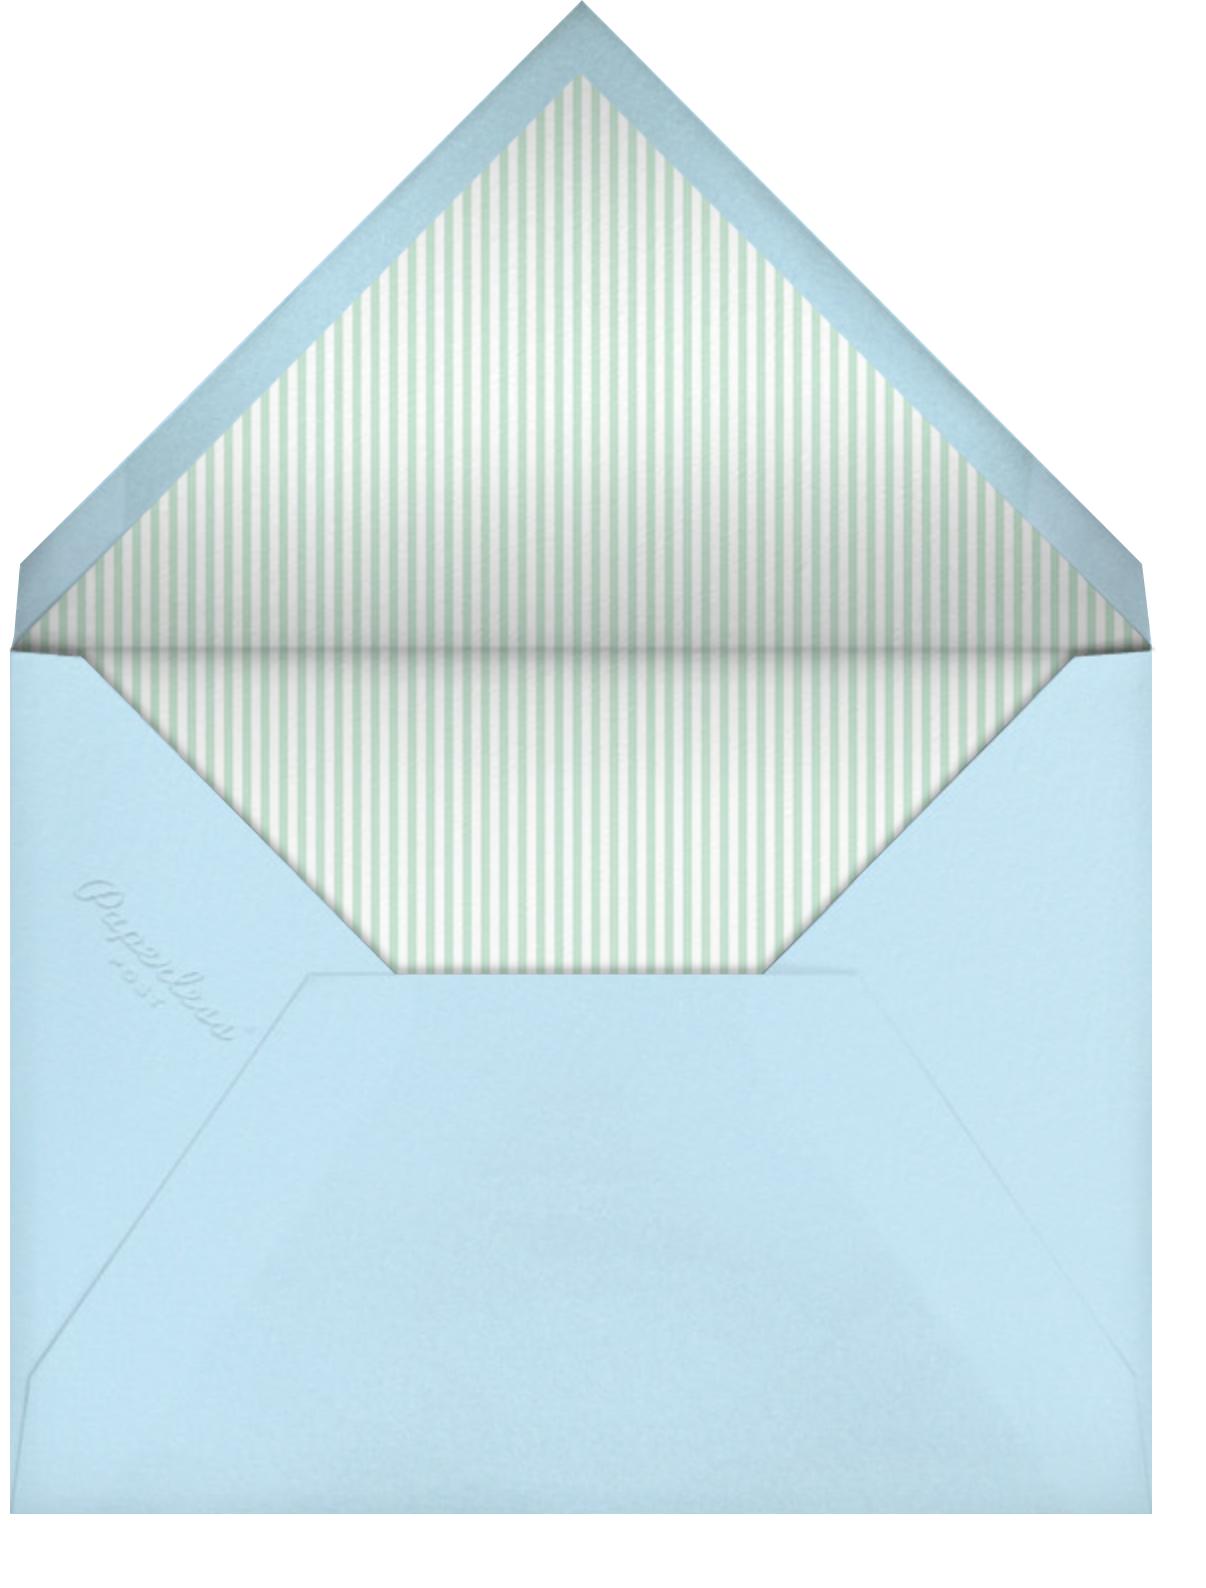 Ellie's Party - Blue - Little Cube - Envelope